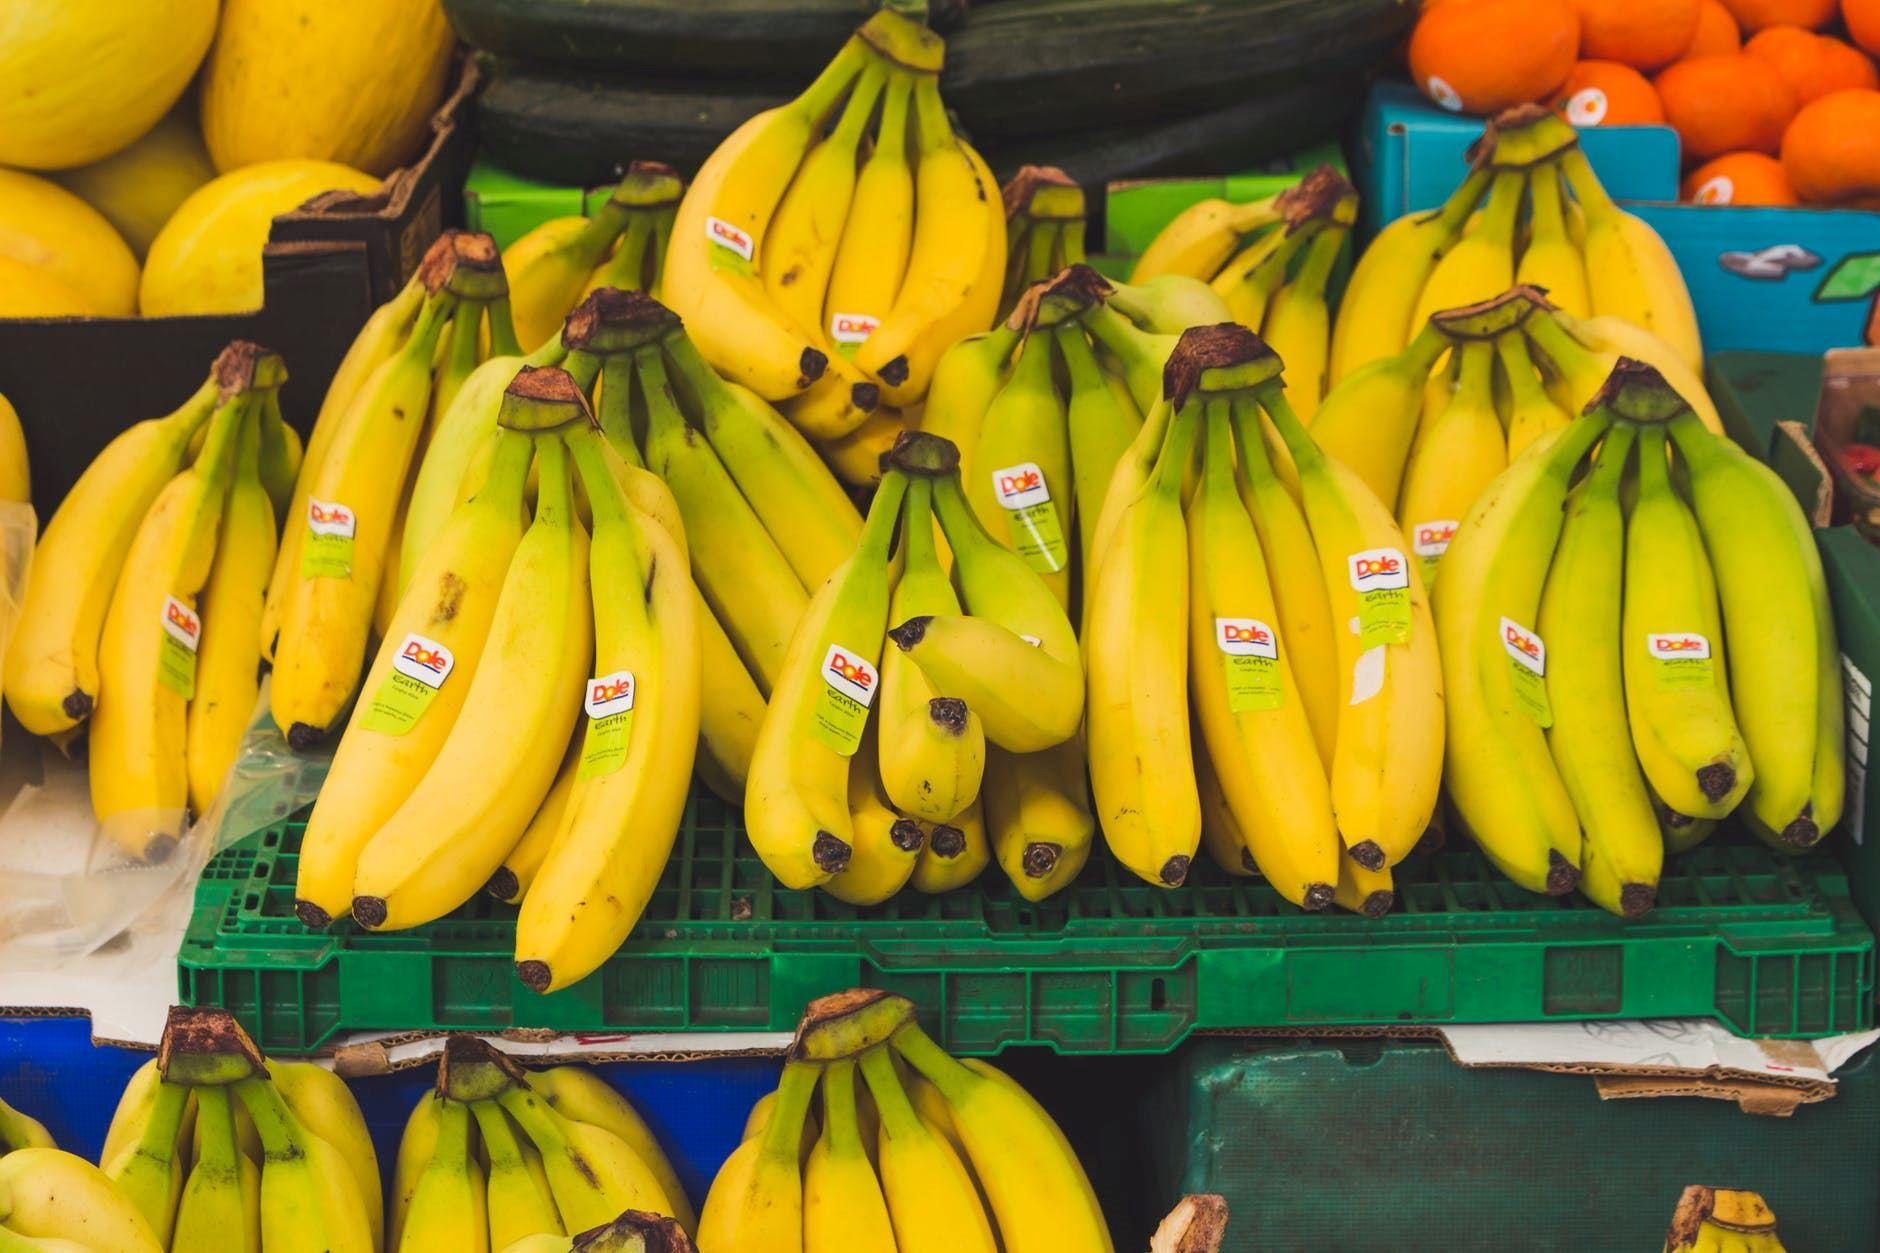 makan pisang senang nak tidur malam dan buat kita lebih tenang - kajian